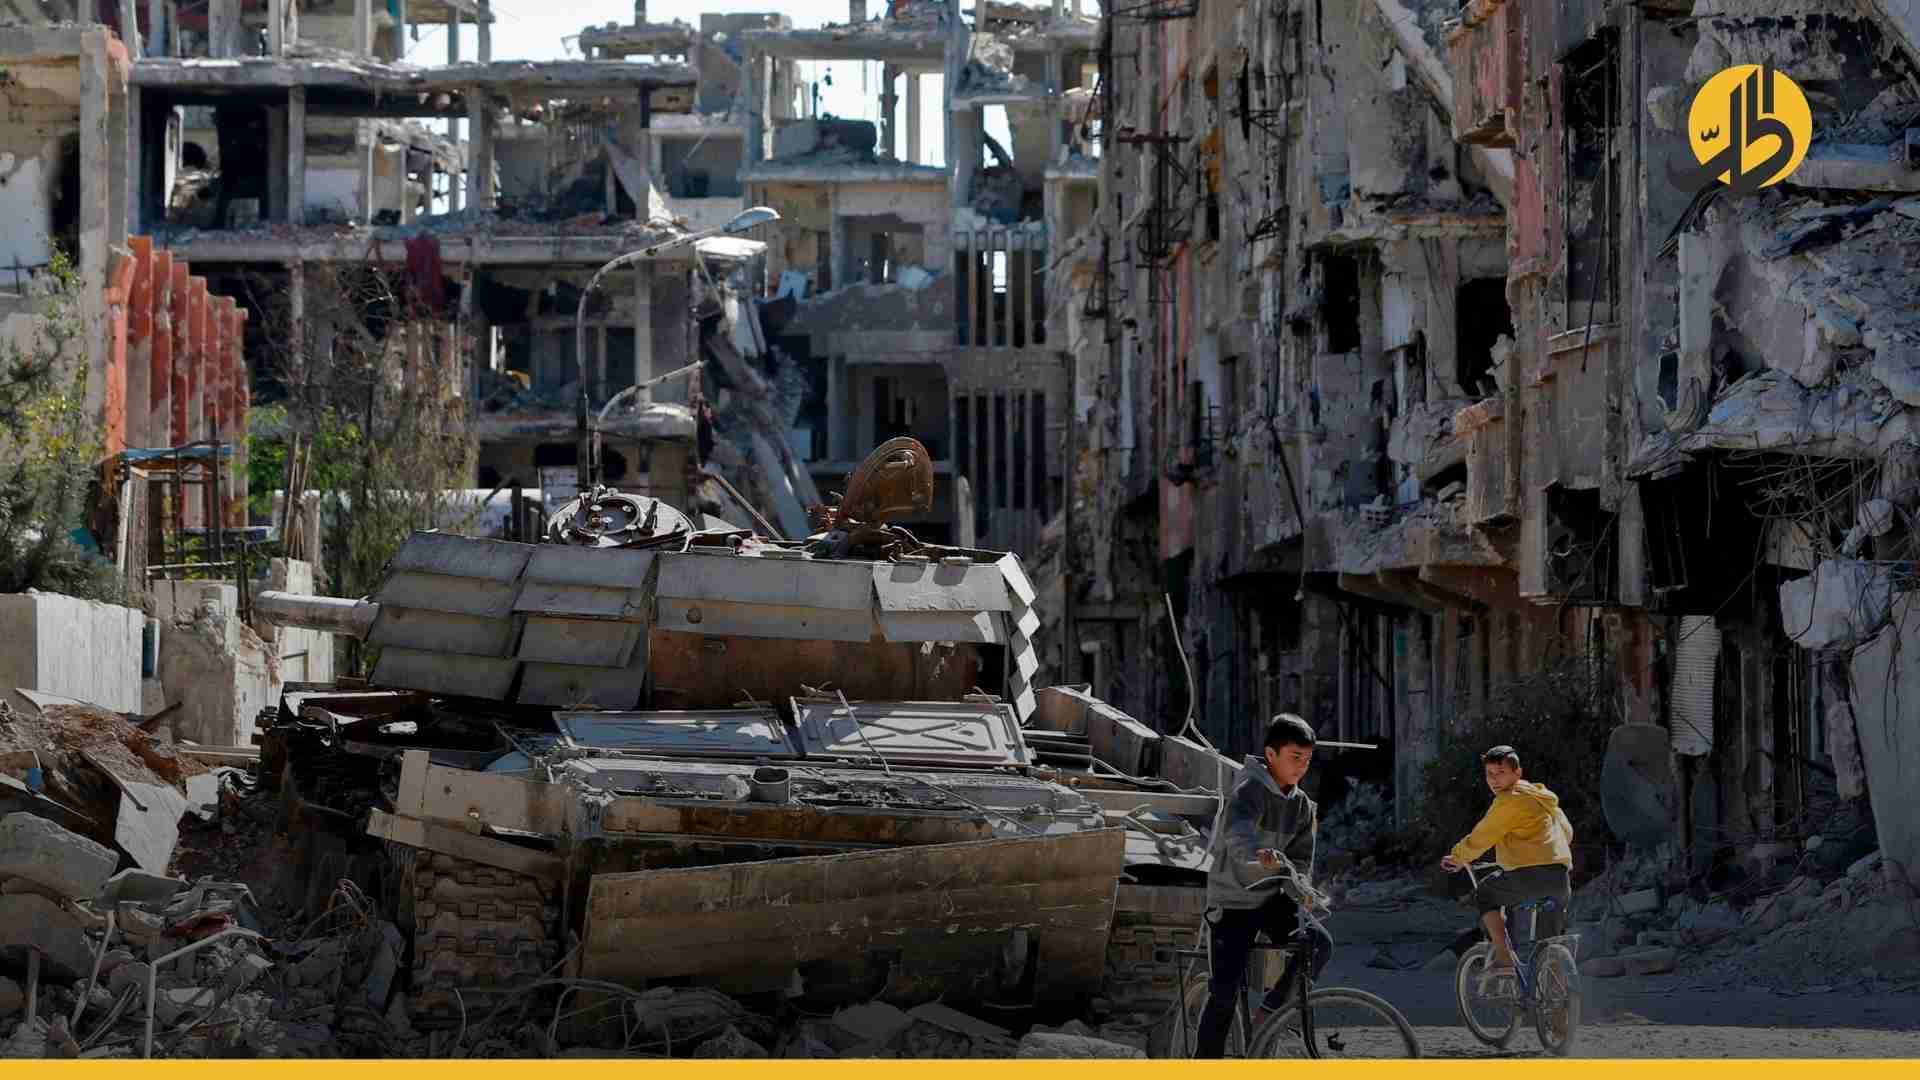 بعد ثلاث سنوات من الحملة العسكرية.. عشرات الجثث لا تزال عالقة تحت أنقاض مخيم اليرموك بدمشق